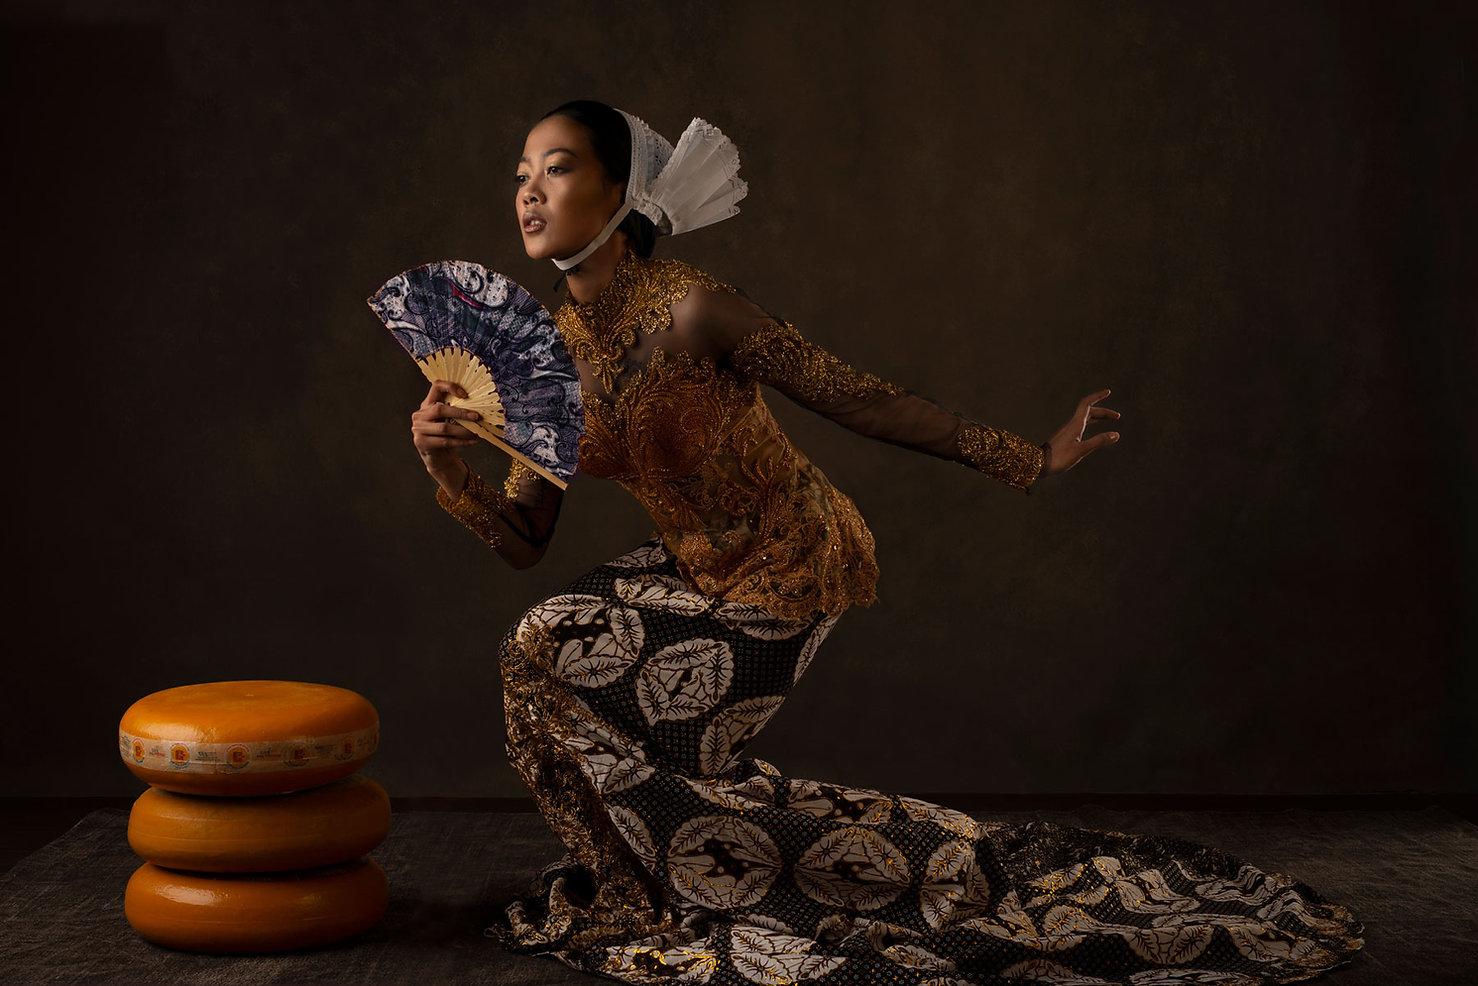 missjack_hollandsenieuwe_indonesie.jpg